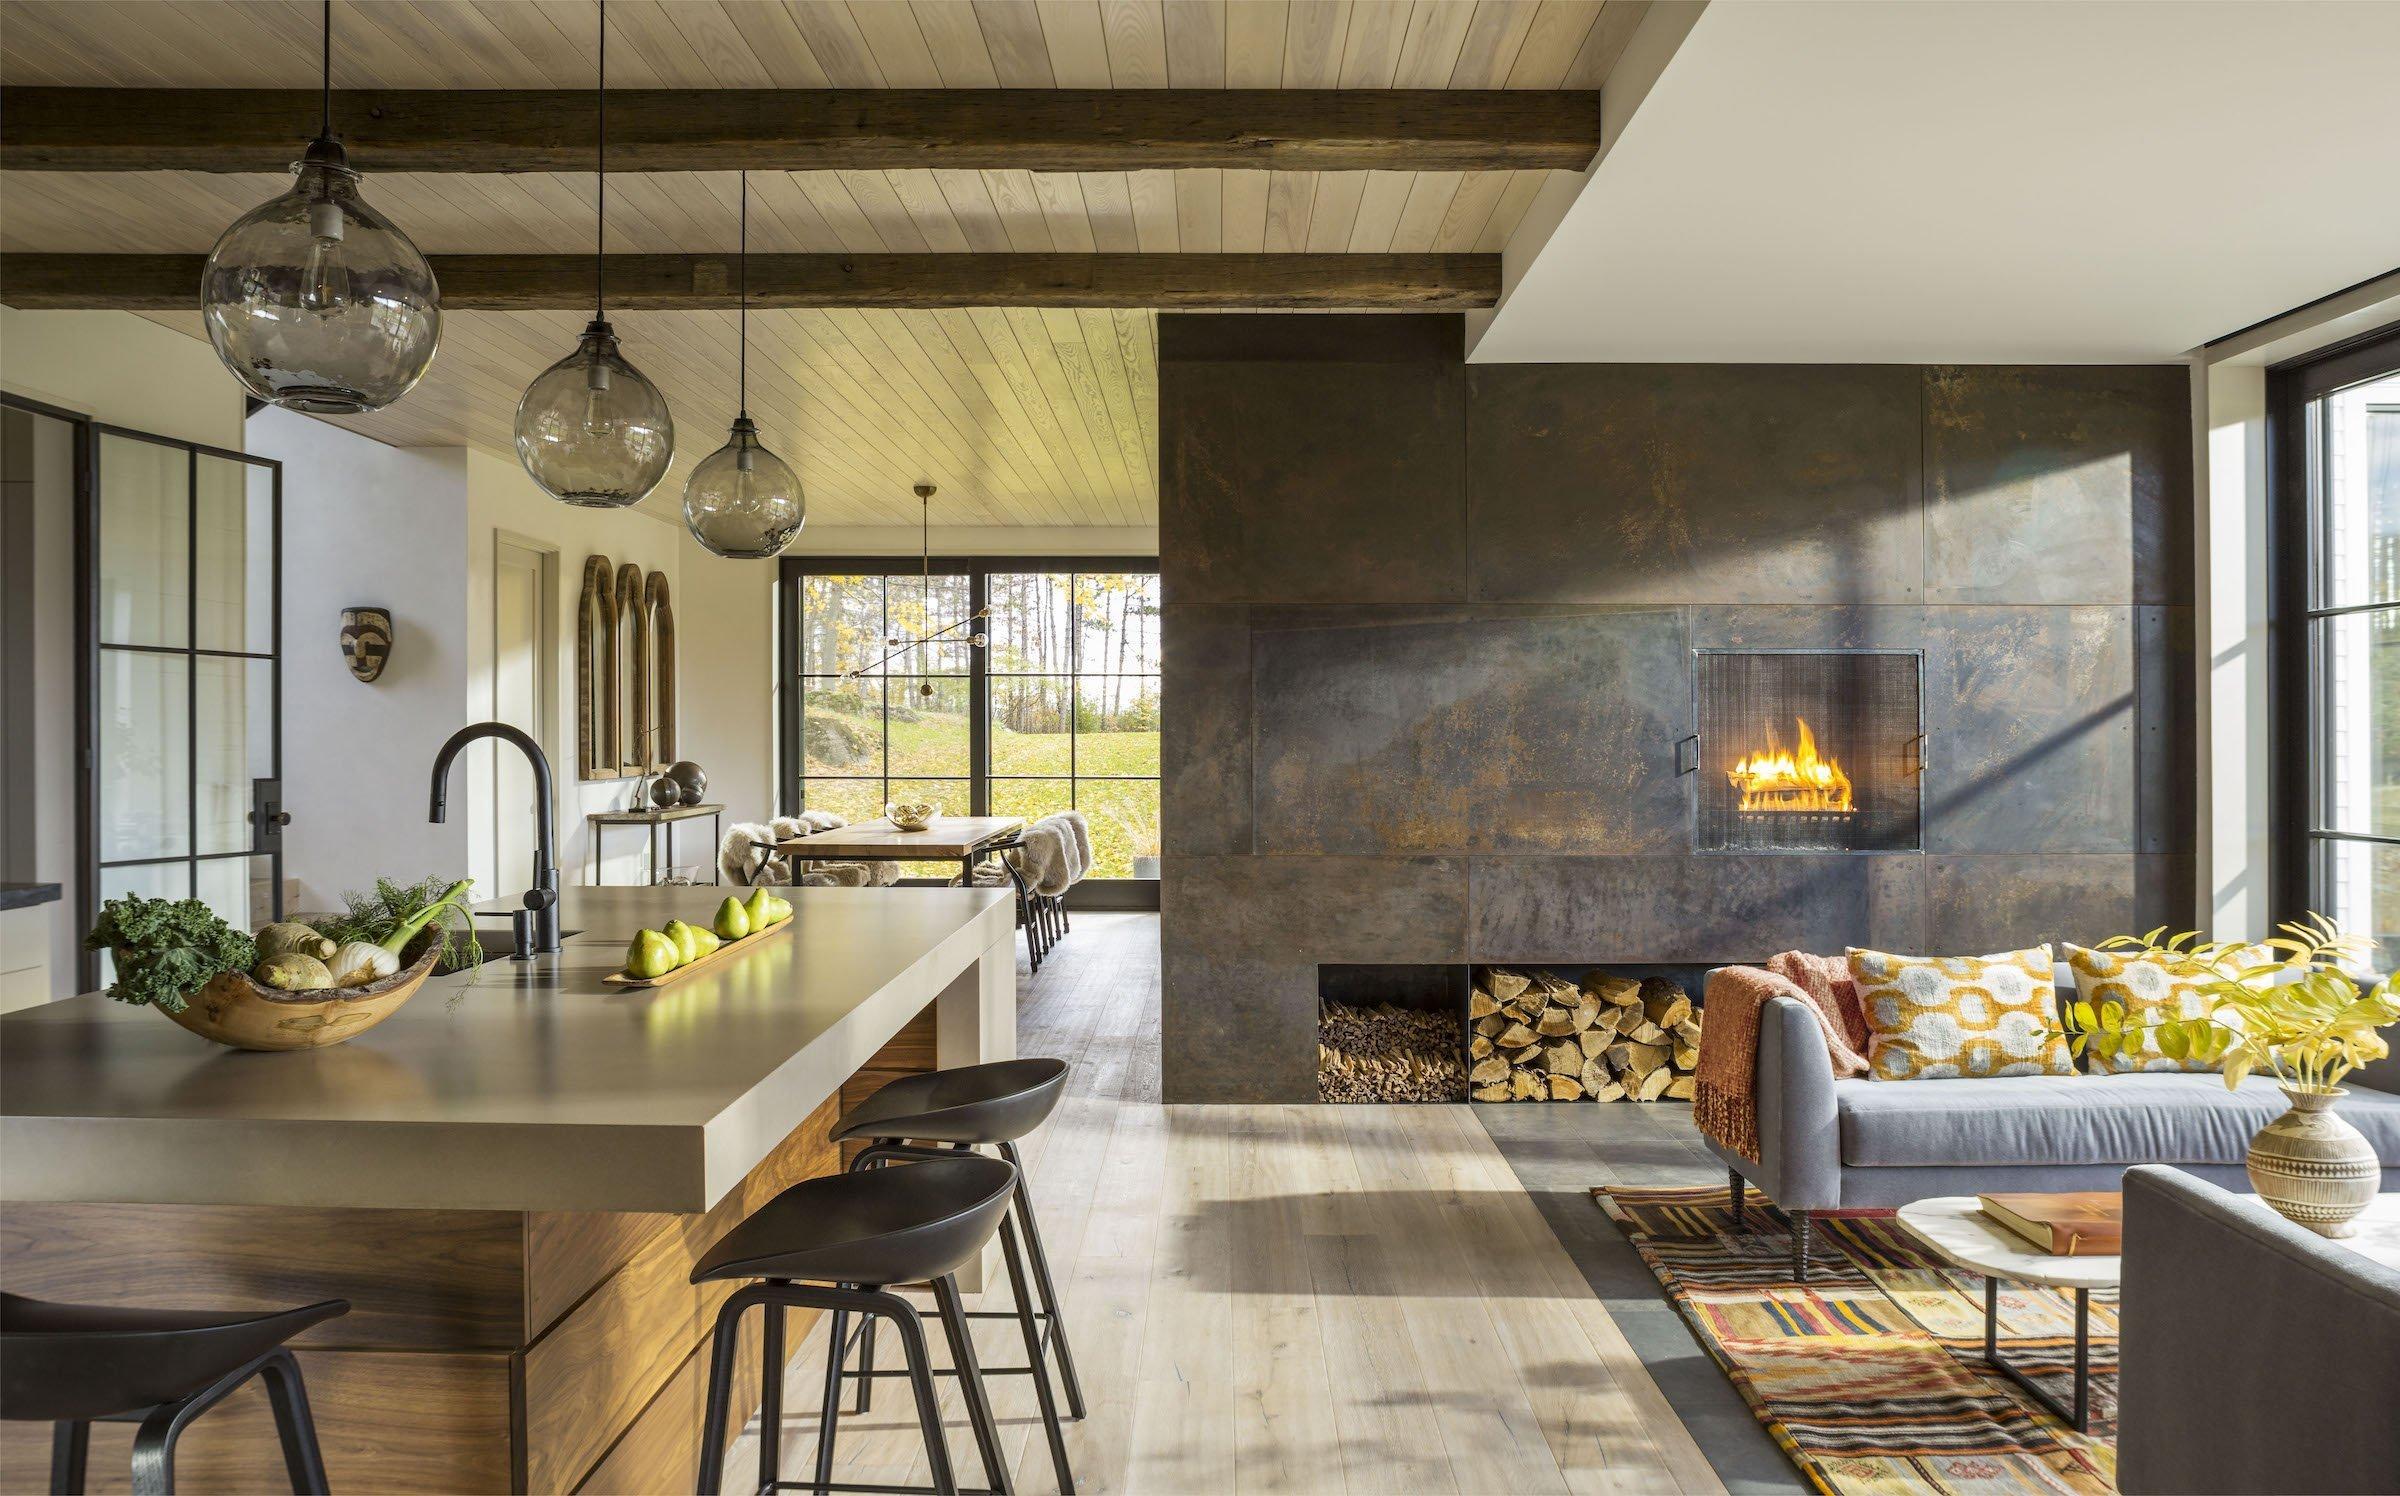 Statek situovaný na břehu jezera ve Vermontu vděčí za svou nadčasovou krásu architektům ze studia Joan Eaton Architects. Svým zevnějškem přirozeně zapadá do okolního prostředí, a to především díky bílé fasádě tolik typické pro tento region.